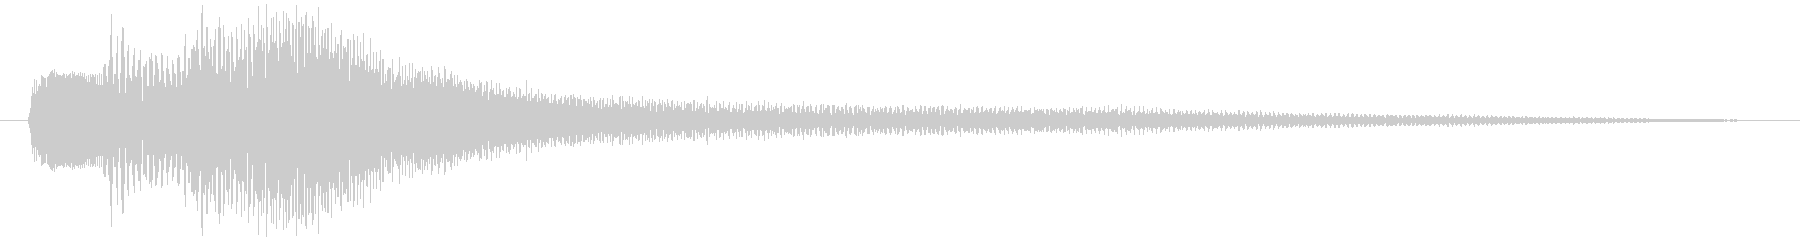 ピアノのSEです。ジングル的な音ですの未再生の波形